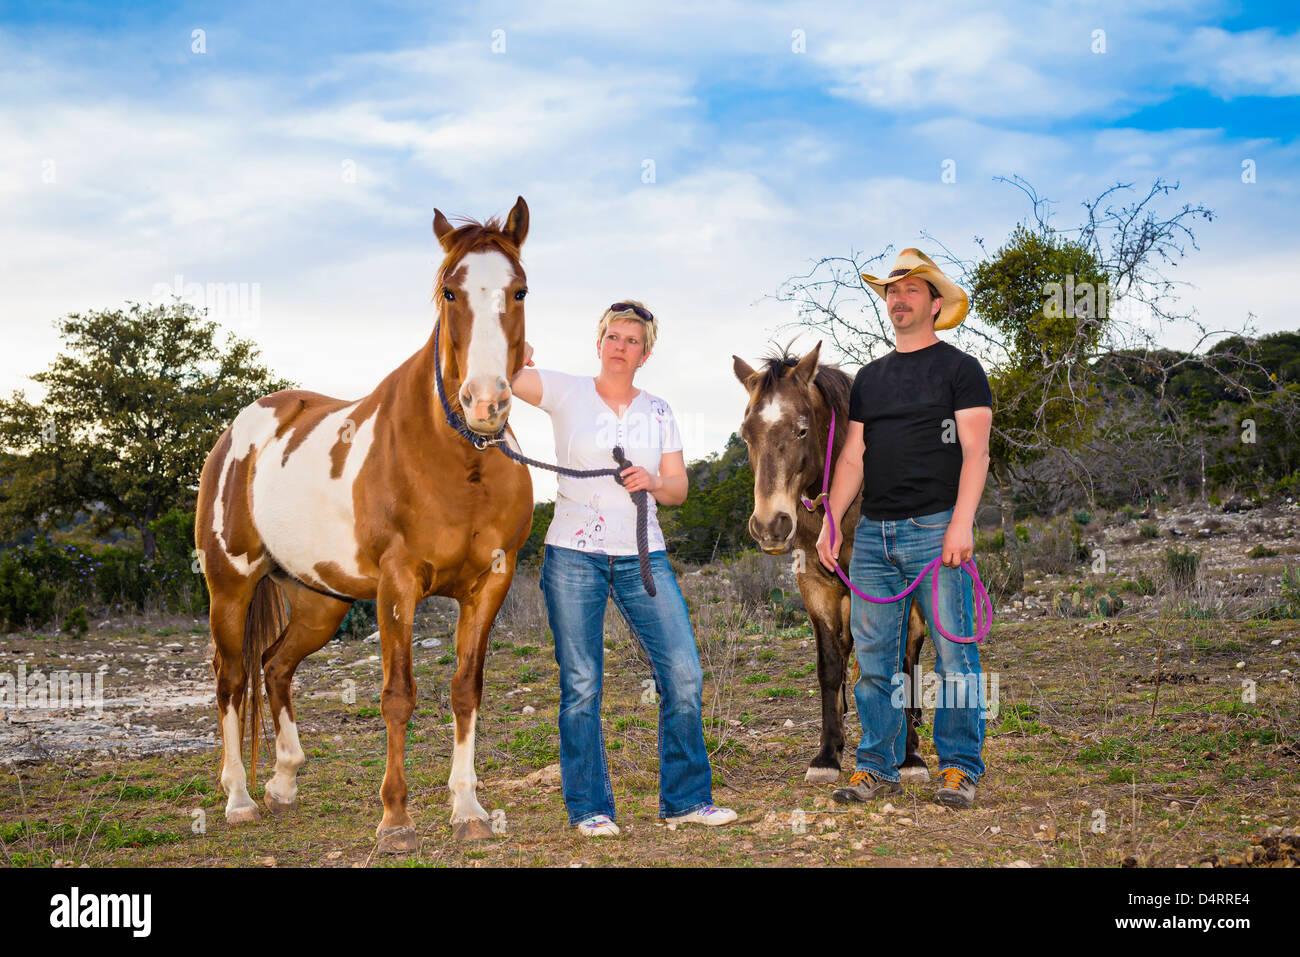 Älteres Paar mit Pferden, männliche 50 kaukasischen, weiblich 45 kaukasischen, Texas, USA Stockfoto